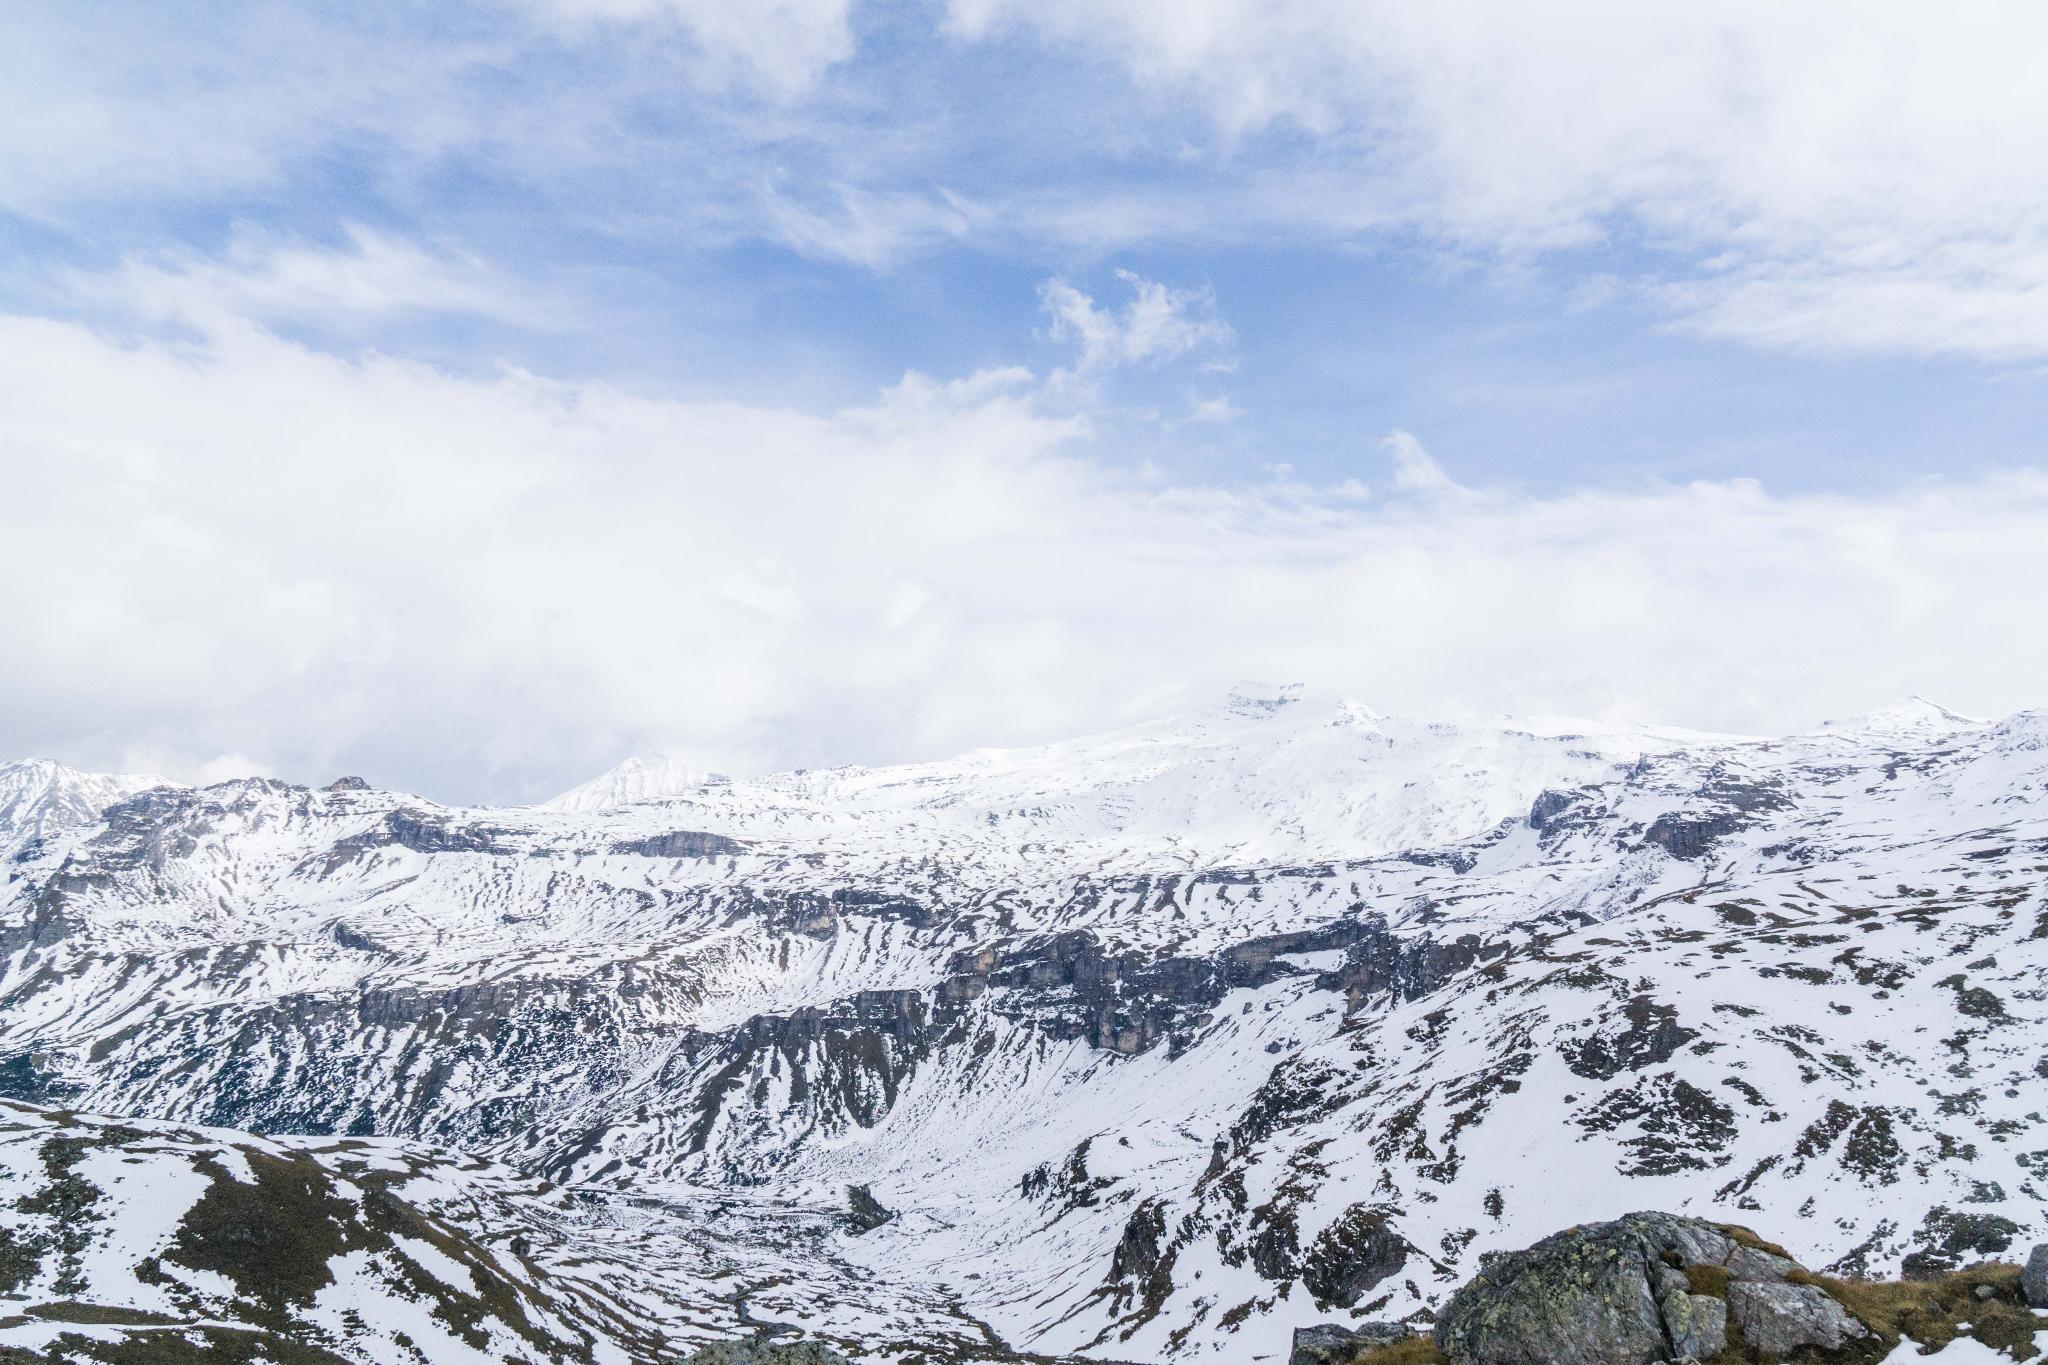 【奧地利】穿越阿爾卑斯之巔 — 奧地利大鐘山冰河公路 (Grossglockner High Alpine Road) 47